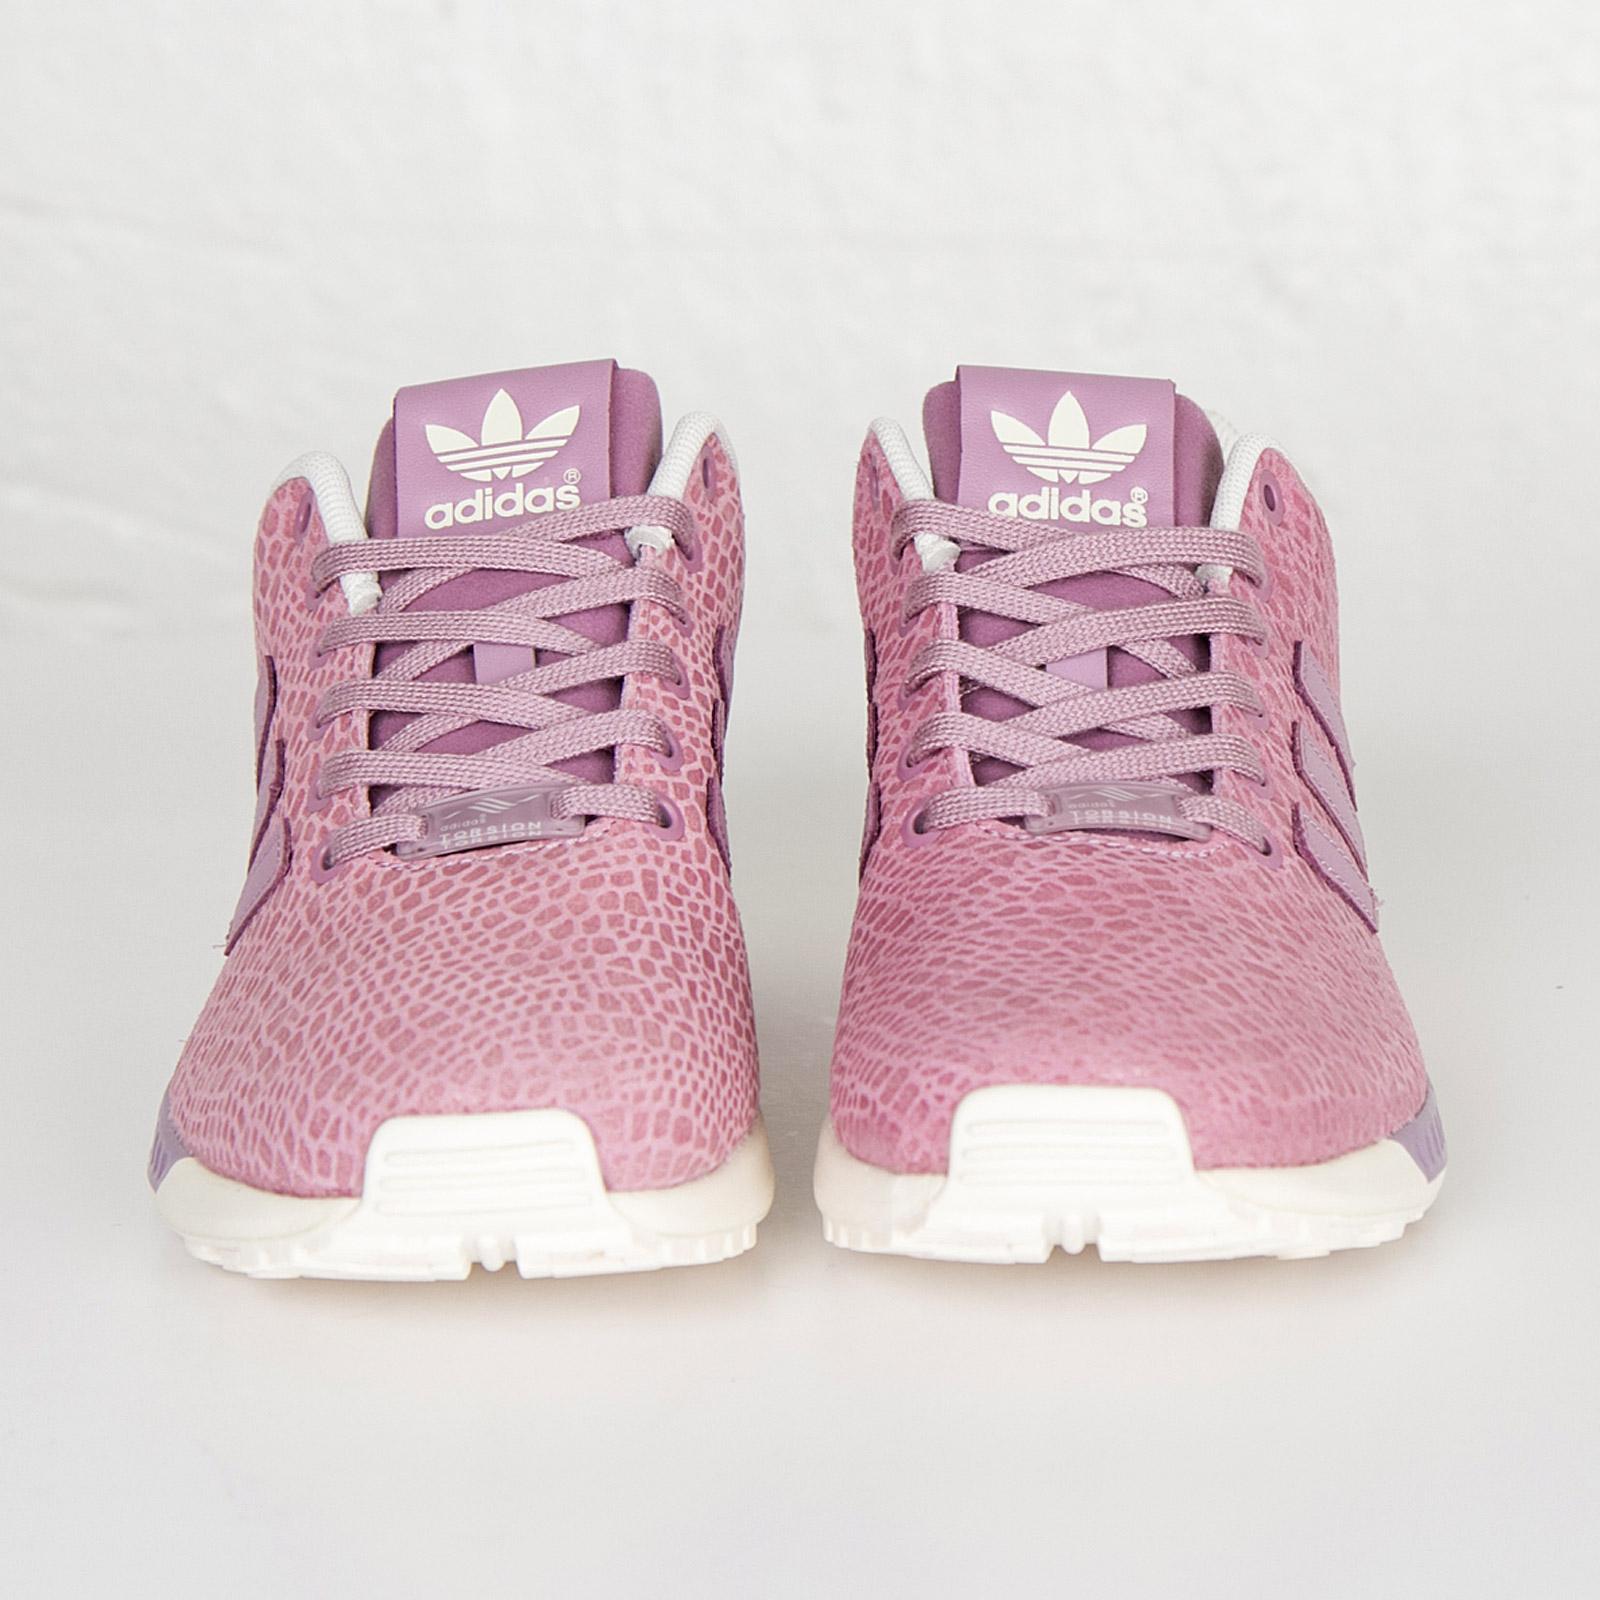 9786fc30fbc62 adidas ZX Flux W - B35311 - Sneakersnstuff